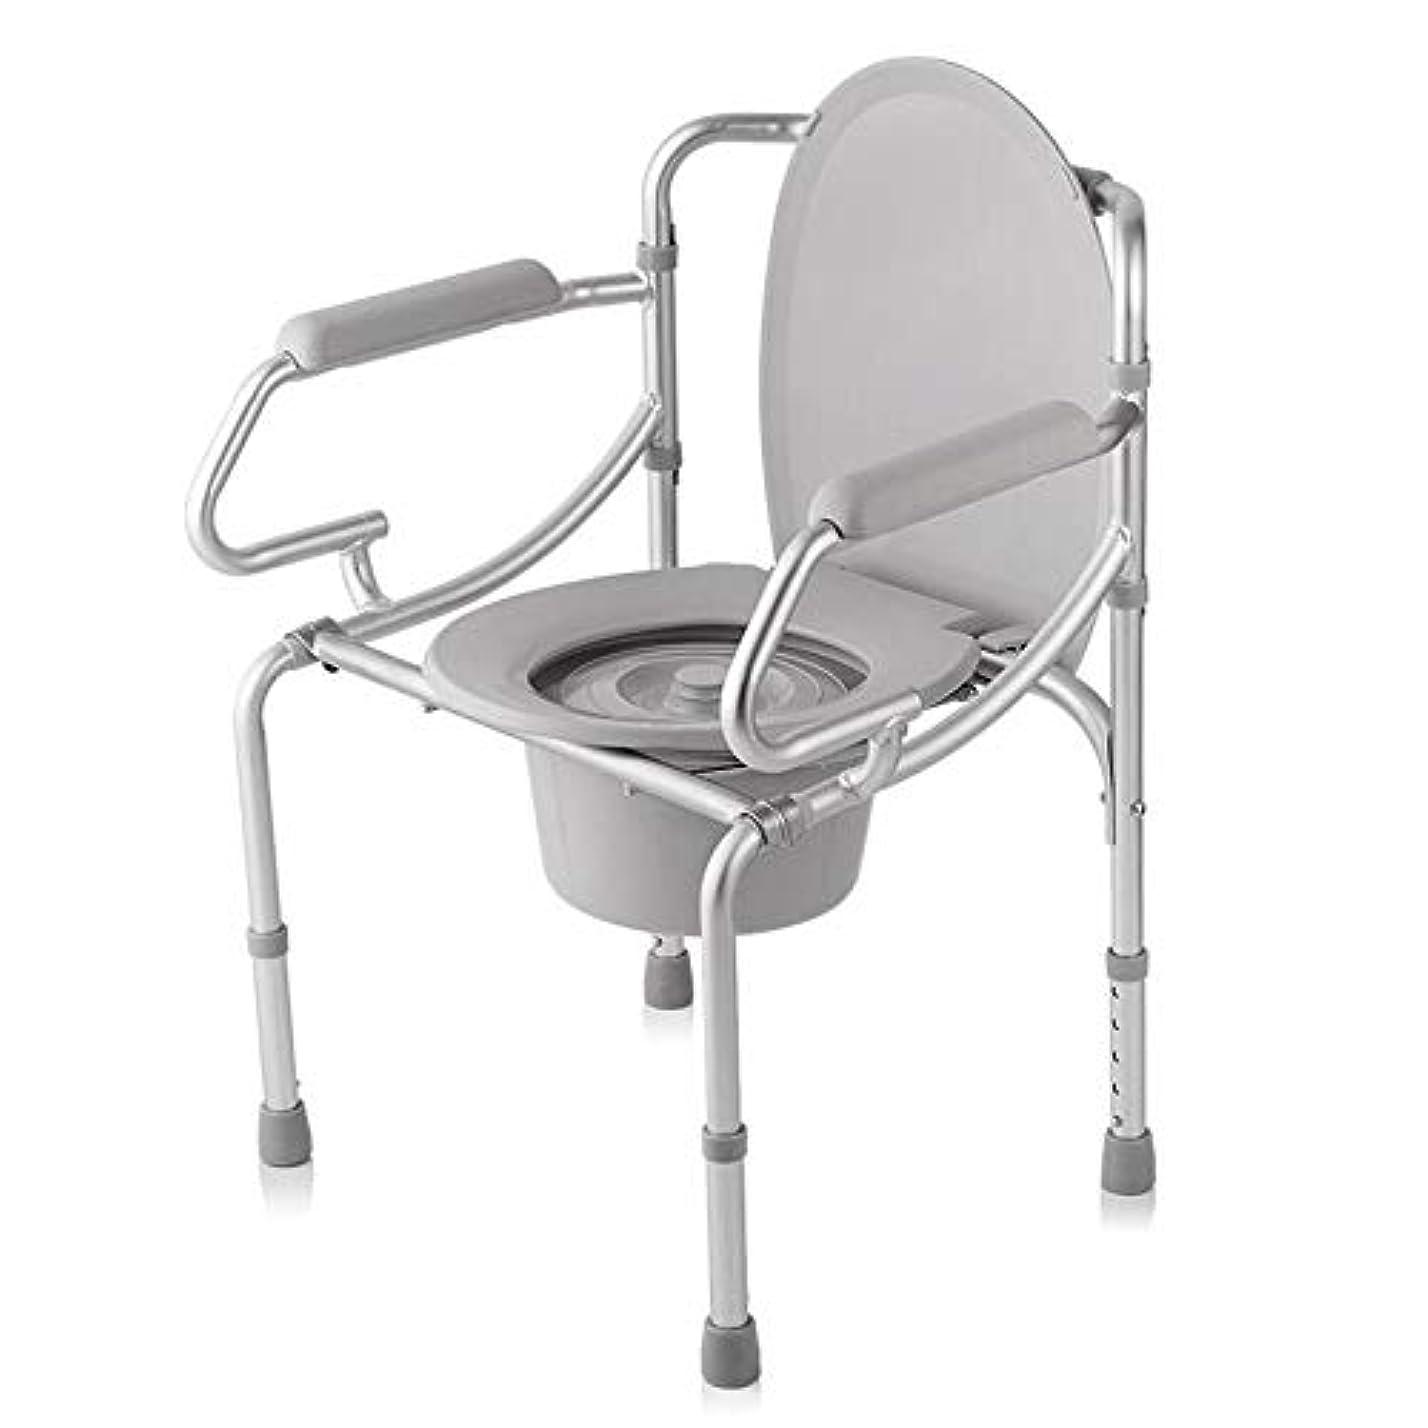 ヘルシーサワーペルー調節可能な便器椅子、取り外し可能なパッド入りシートとトイレ付きの豪華な折りたたみ軽量便器